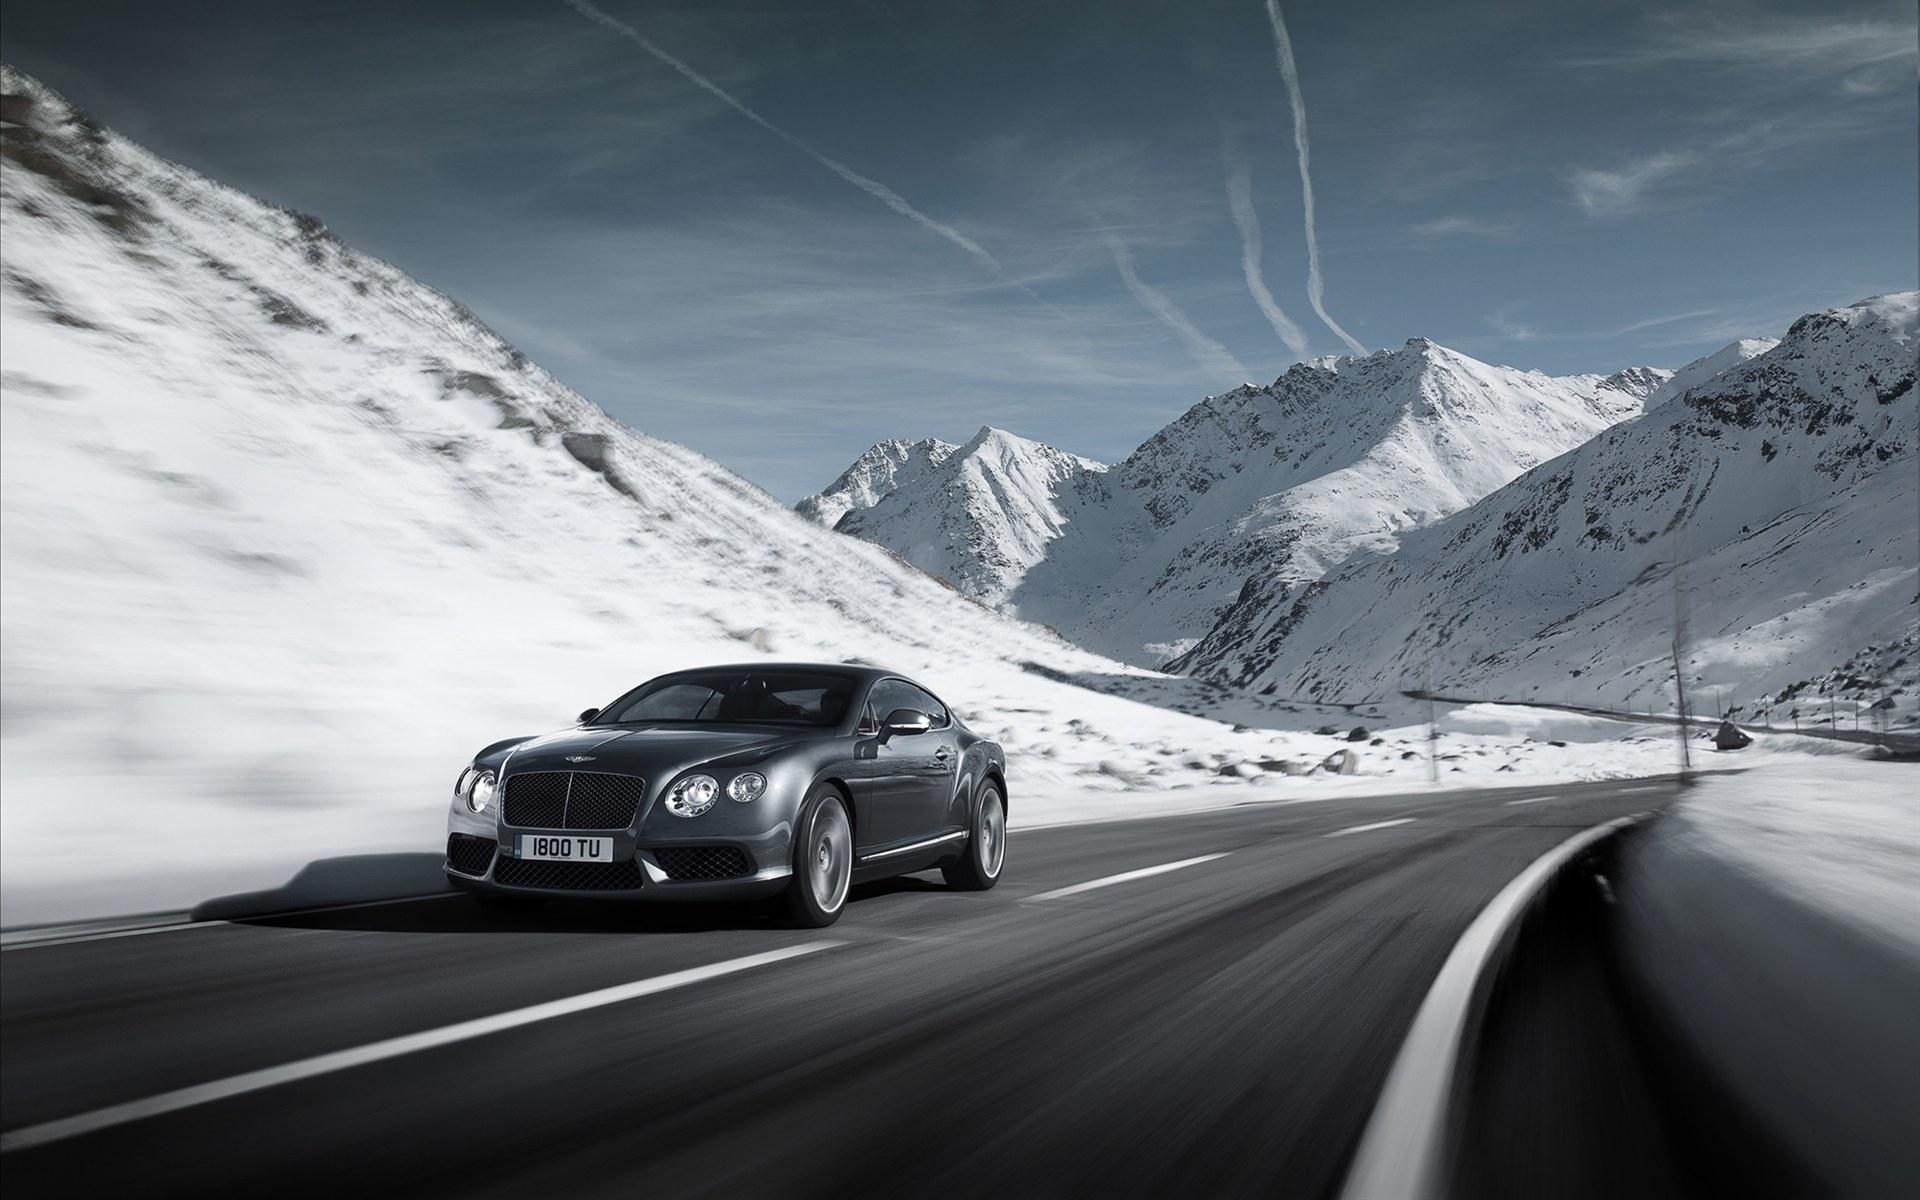 Rolls Royce Car Hd Wallpapers 1080p 2012 Bentley Continental Gt V8 Wallpaper Hd Car